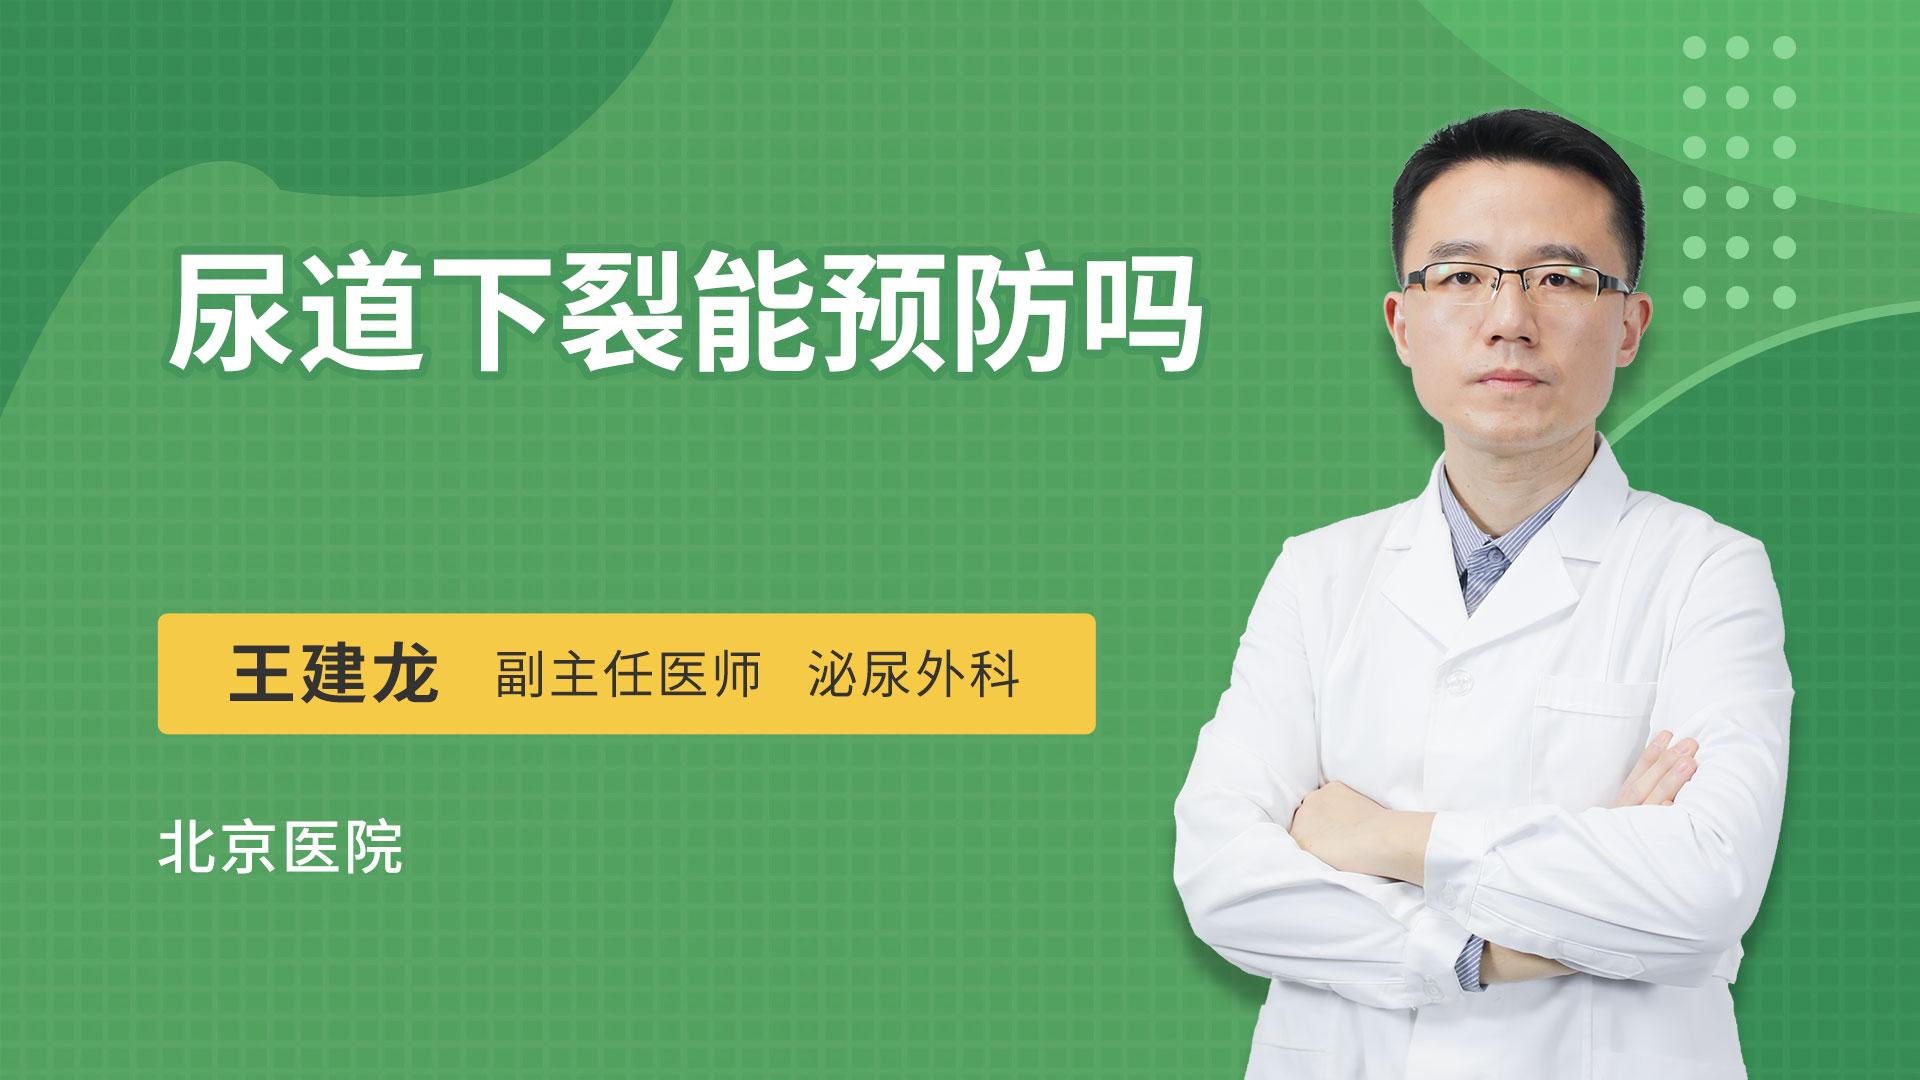 尿道下裂能预防吗